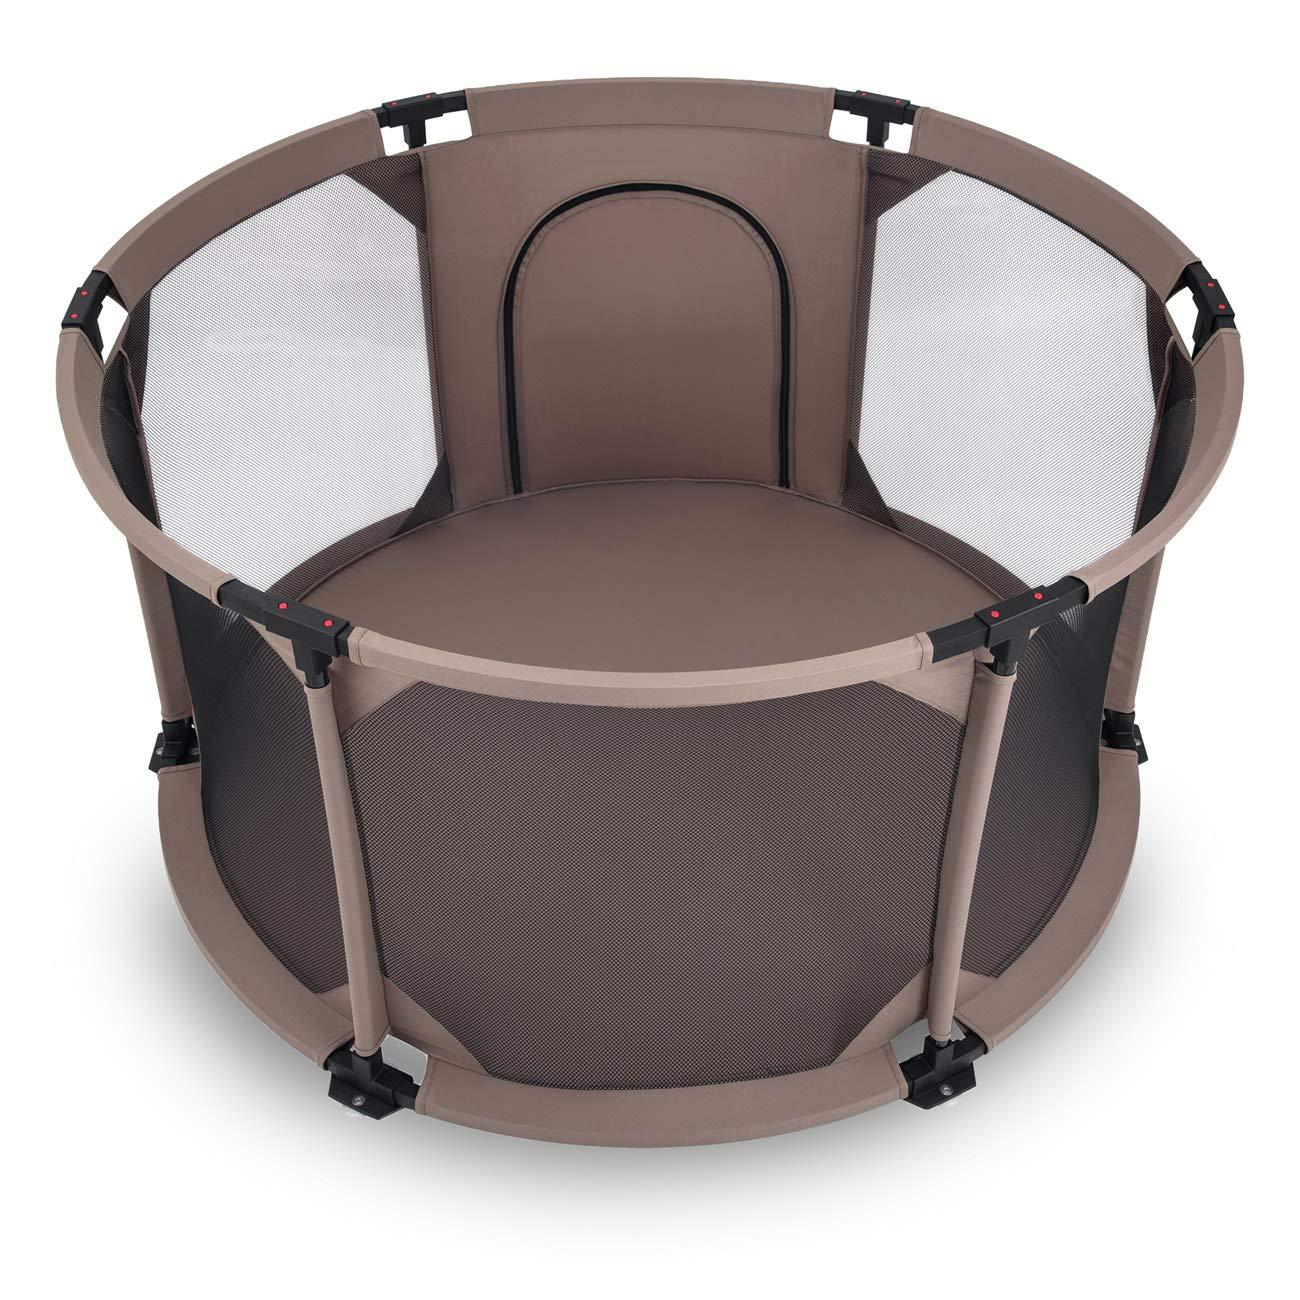 Rond Baby Vivo Parc B/éb/é Barri/ère S/écurit/é Portable Enfant Protection Porte Panel Espace Jeu Chambre Flexi Pliable en Brun Clair